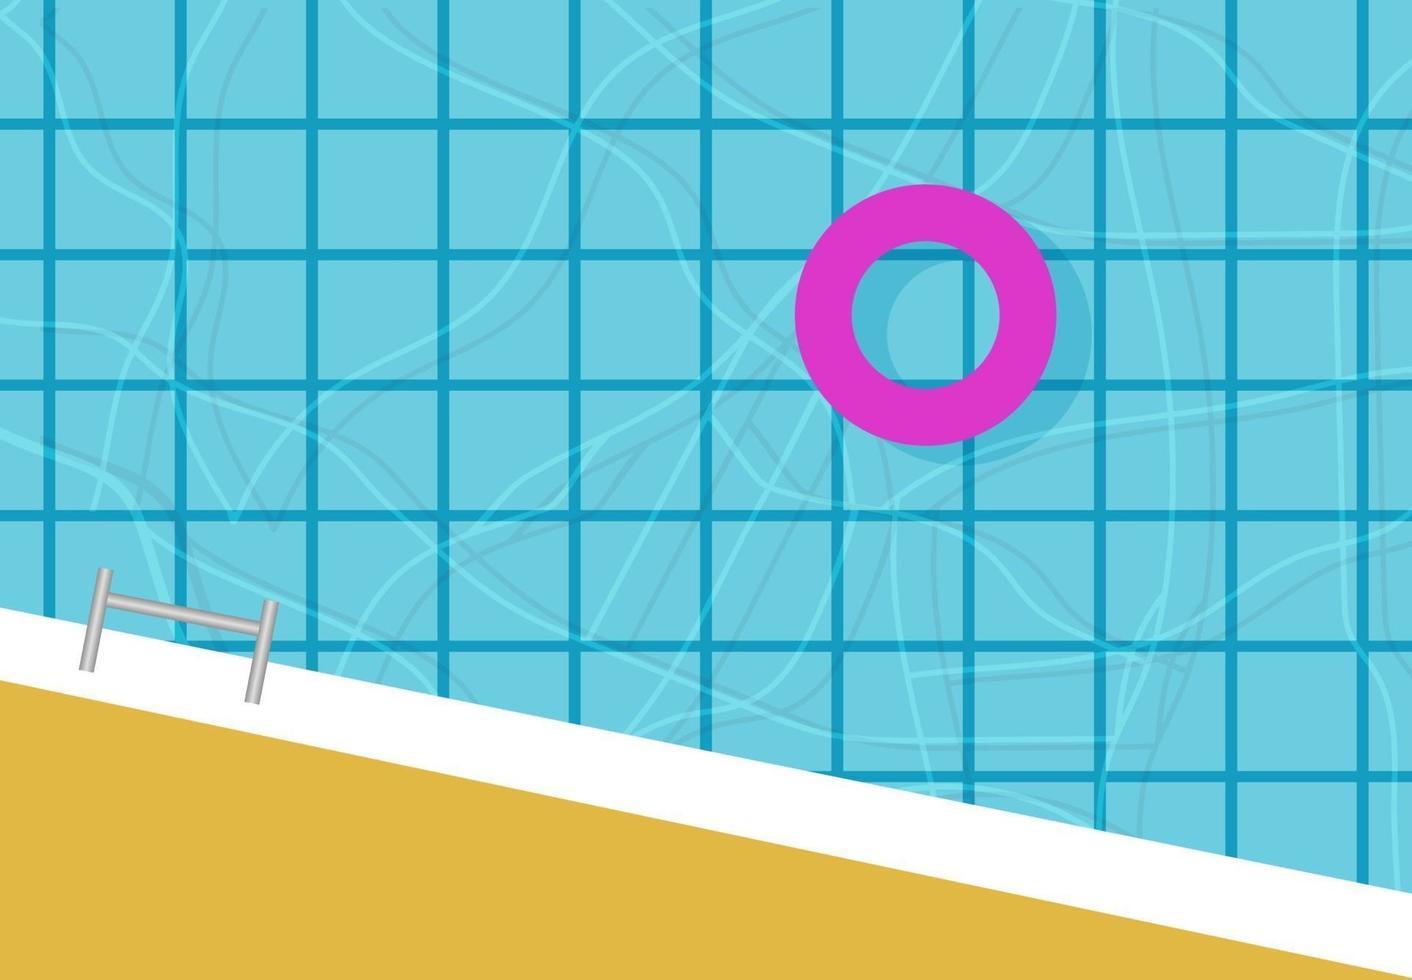 fond de piscine vue de dessus vecteur